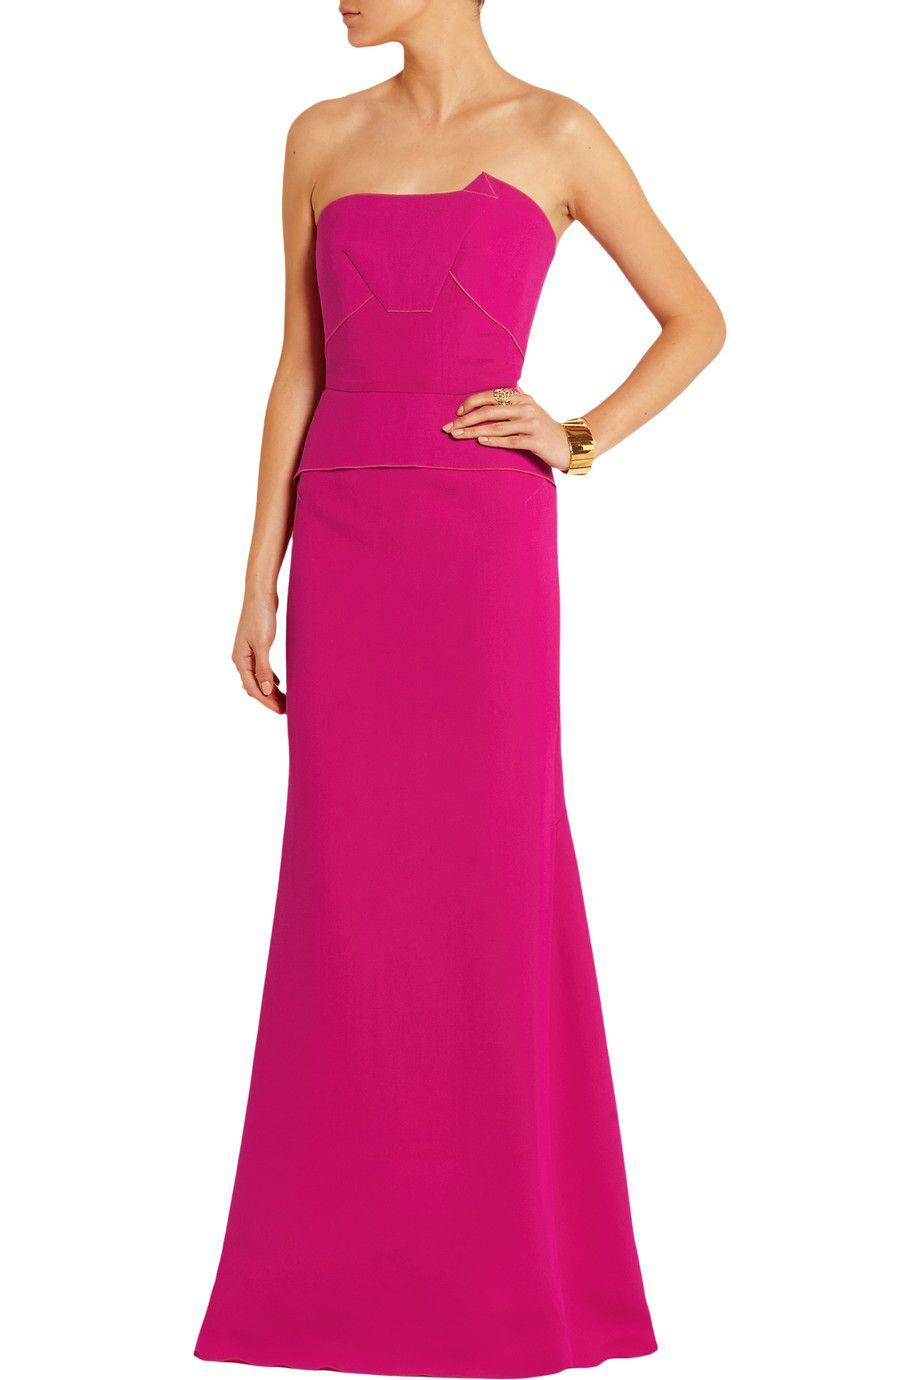 Roland Mouret   Crepe dress, Dresses, Gorgeous dresses